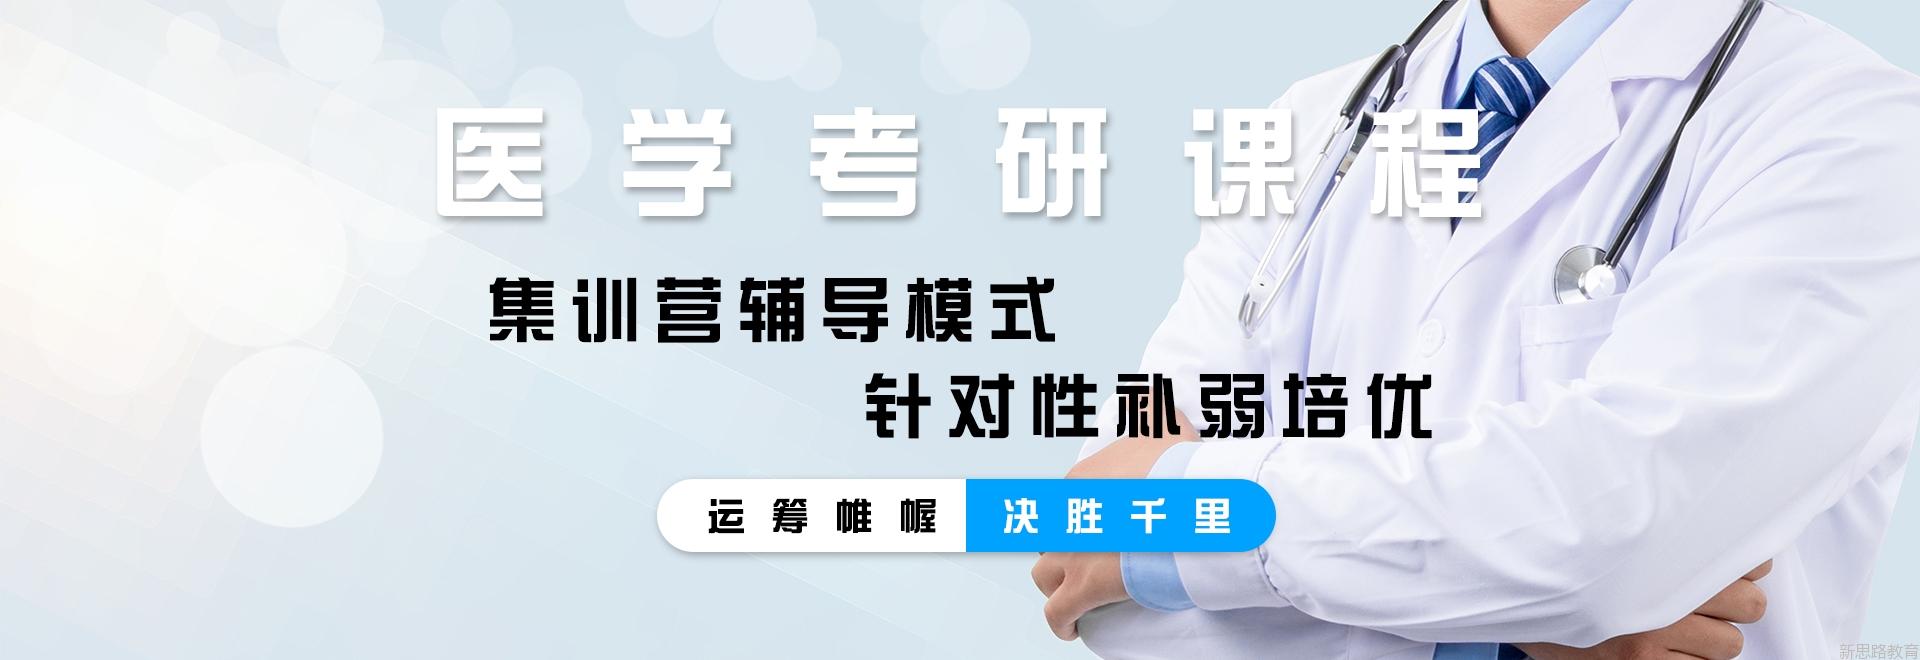 执业医师考试